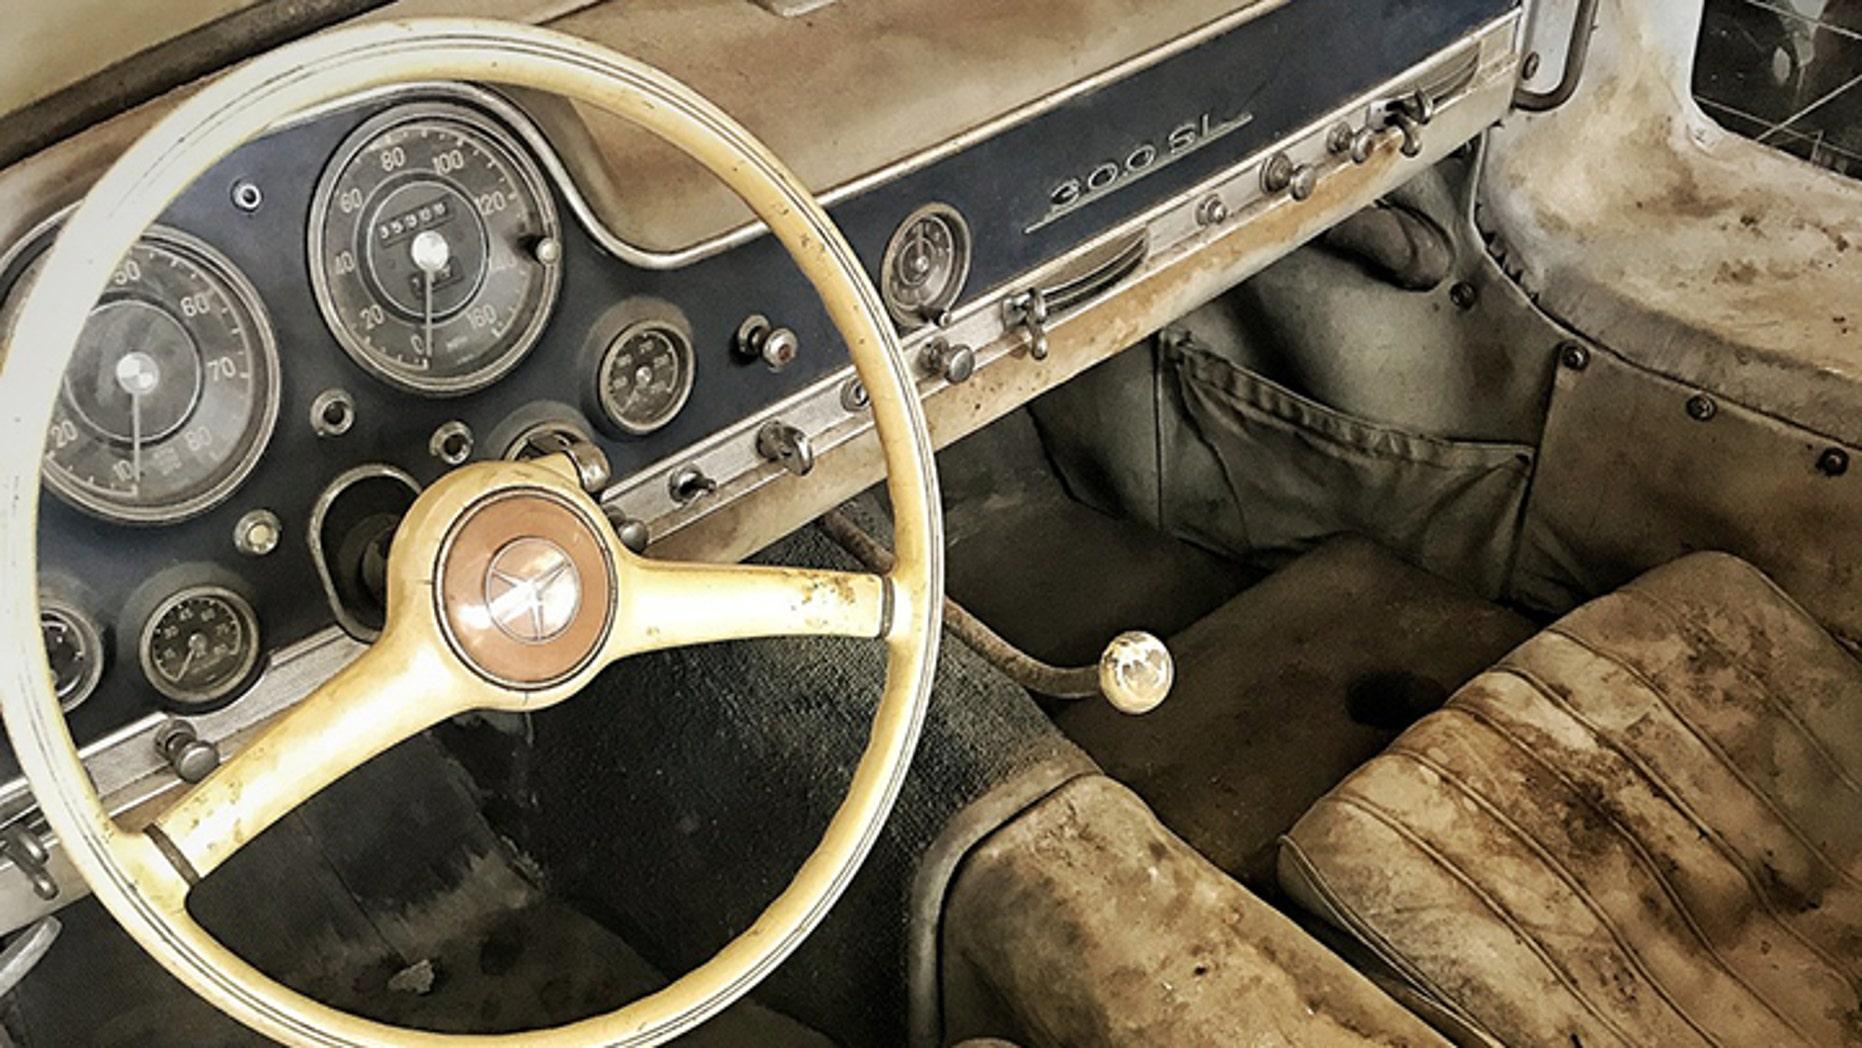 1954 Mercedes Benz 300 SL Gullwing interior